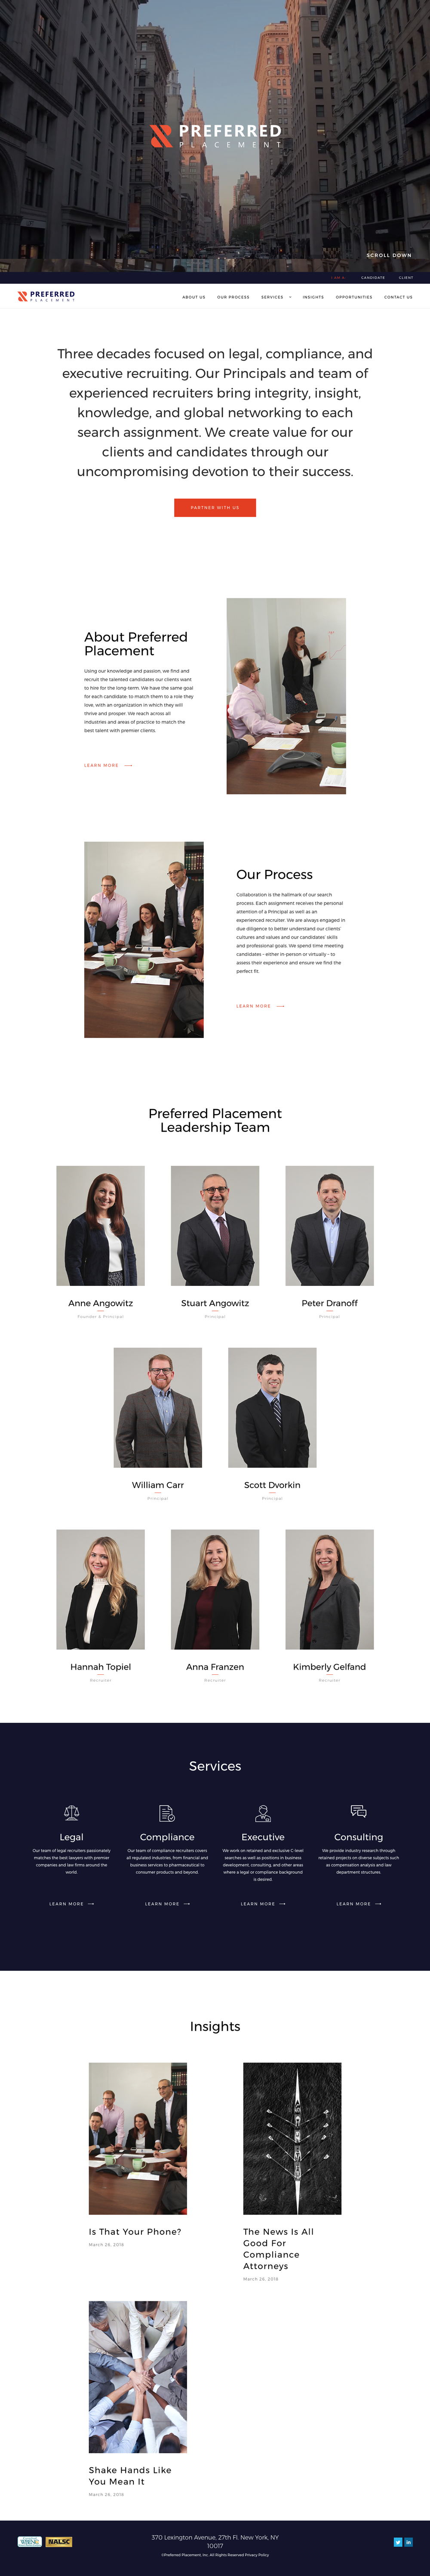 Preferred Placement Web Design